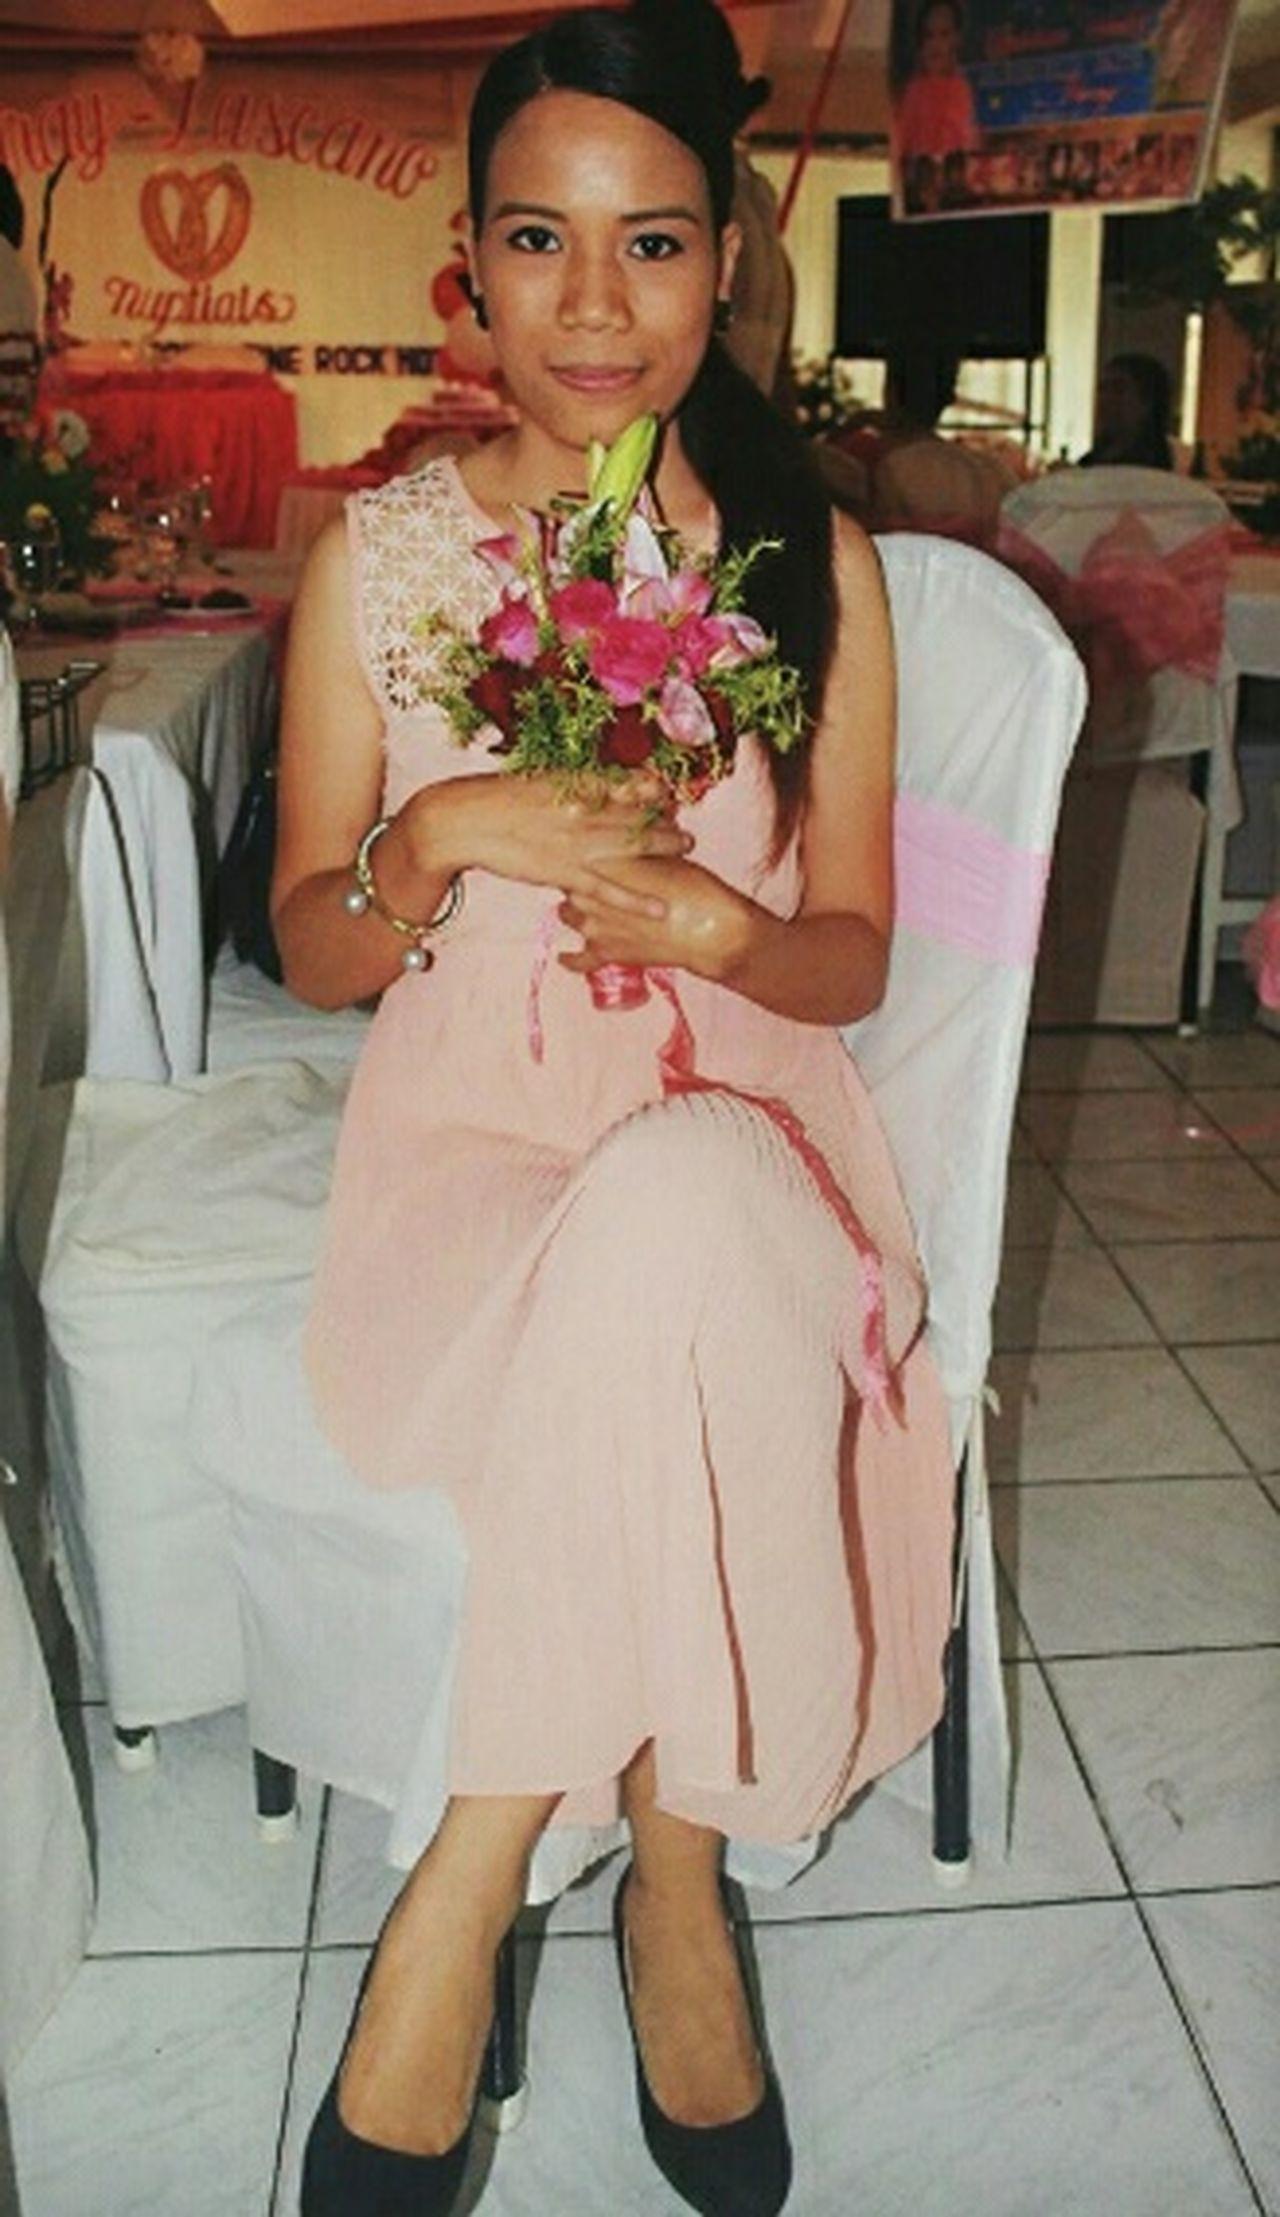 Bridesmaid Bride Dress Bride Photography Bouquet Bouquet Of Roses